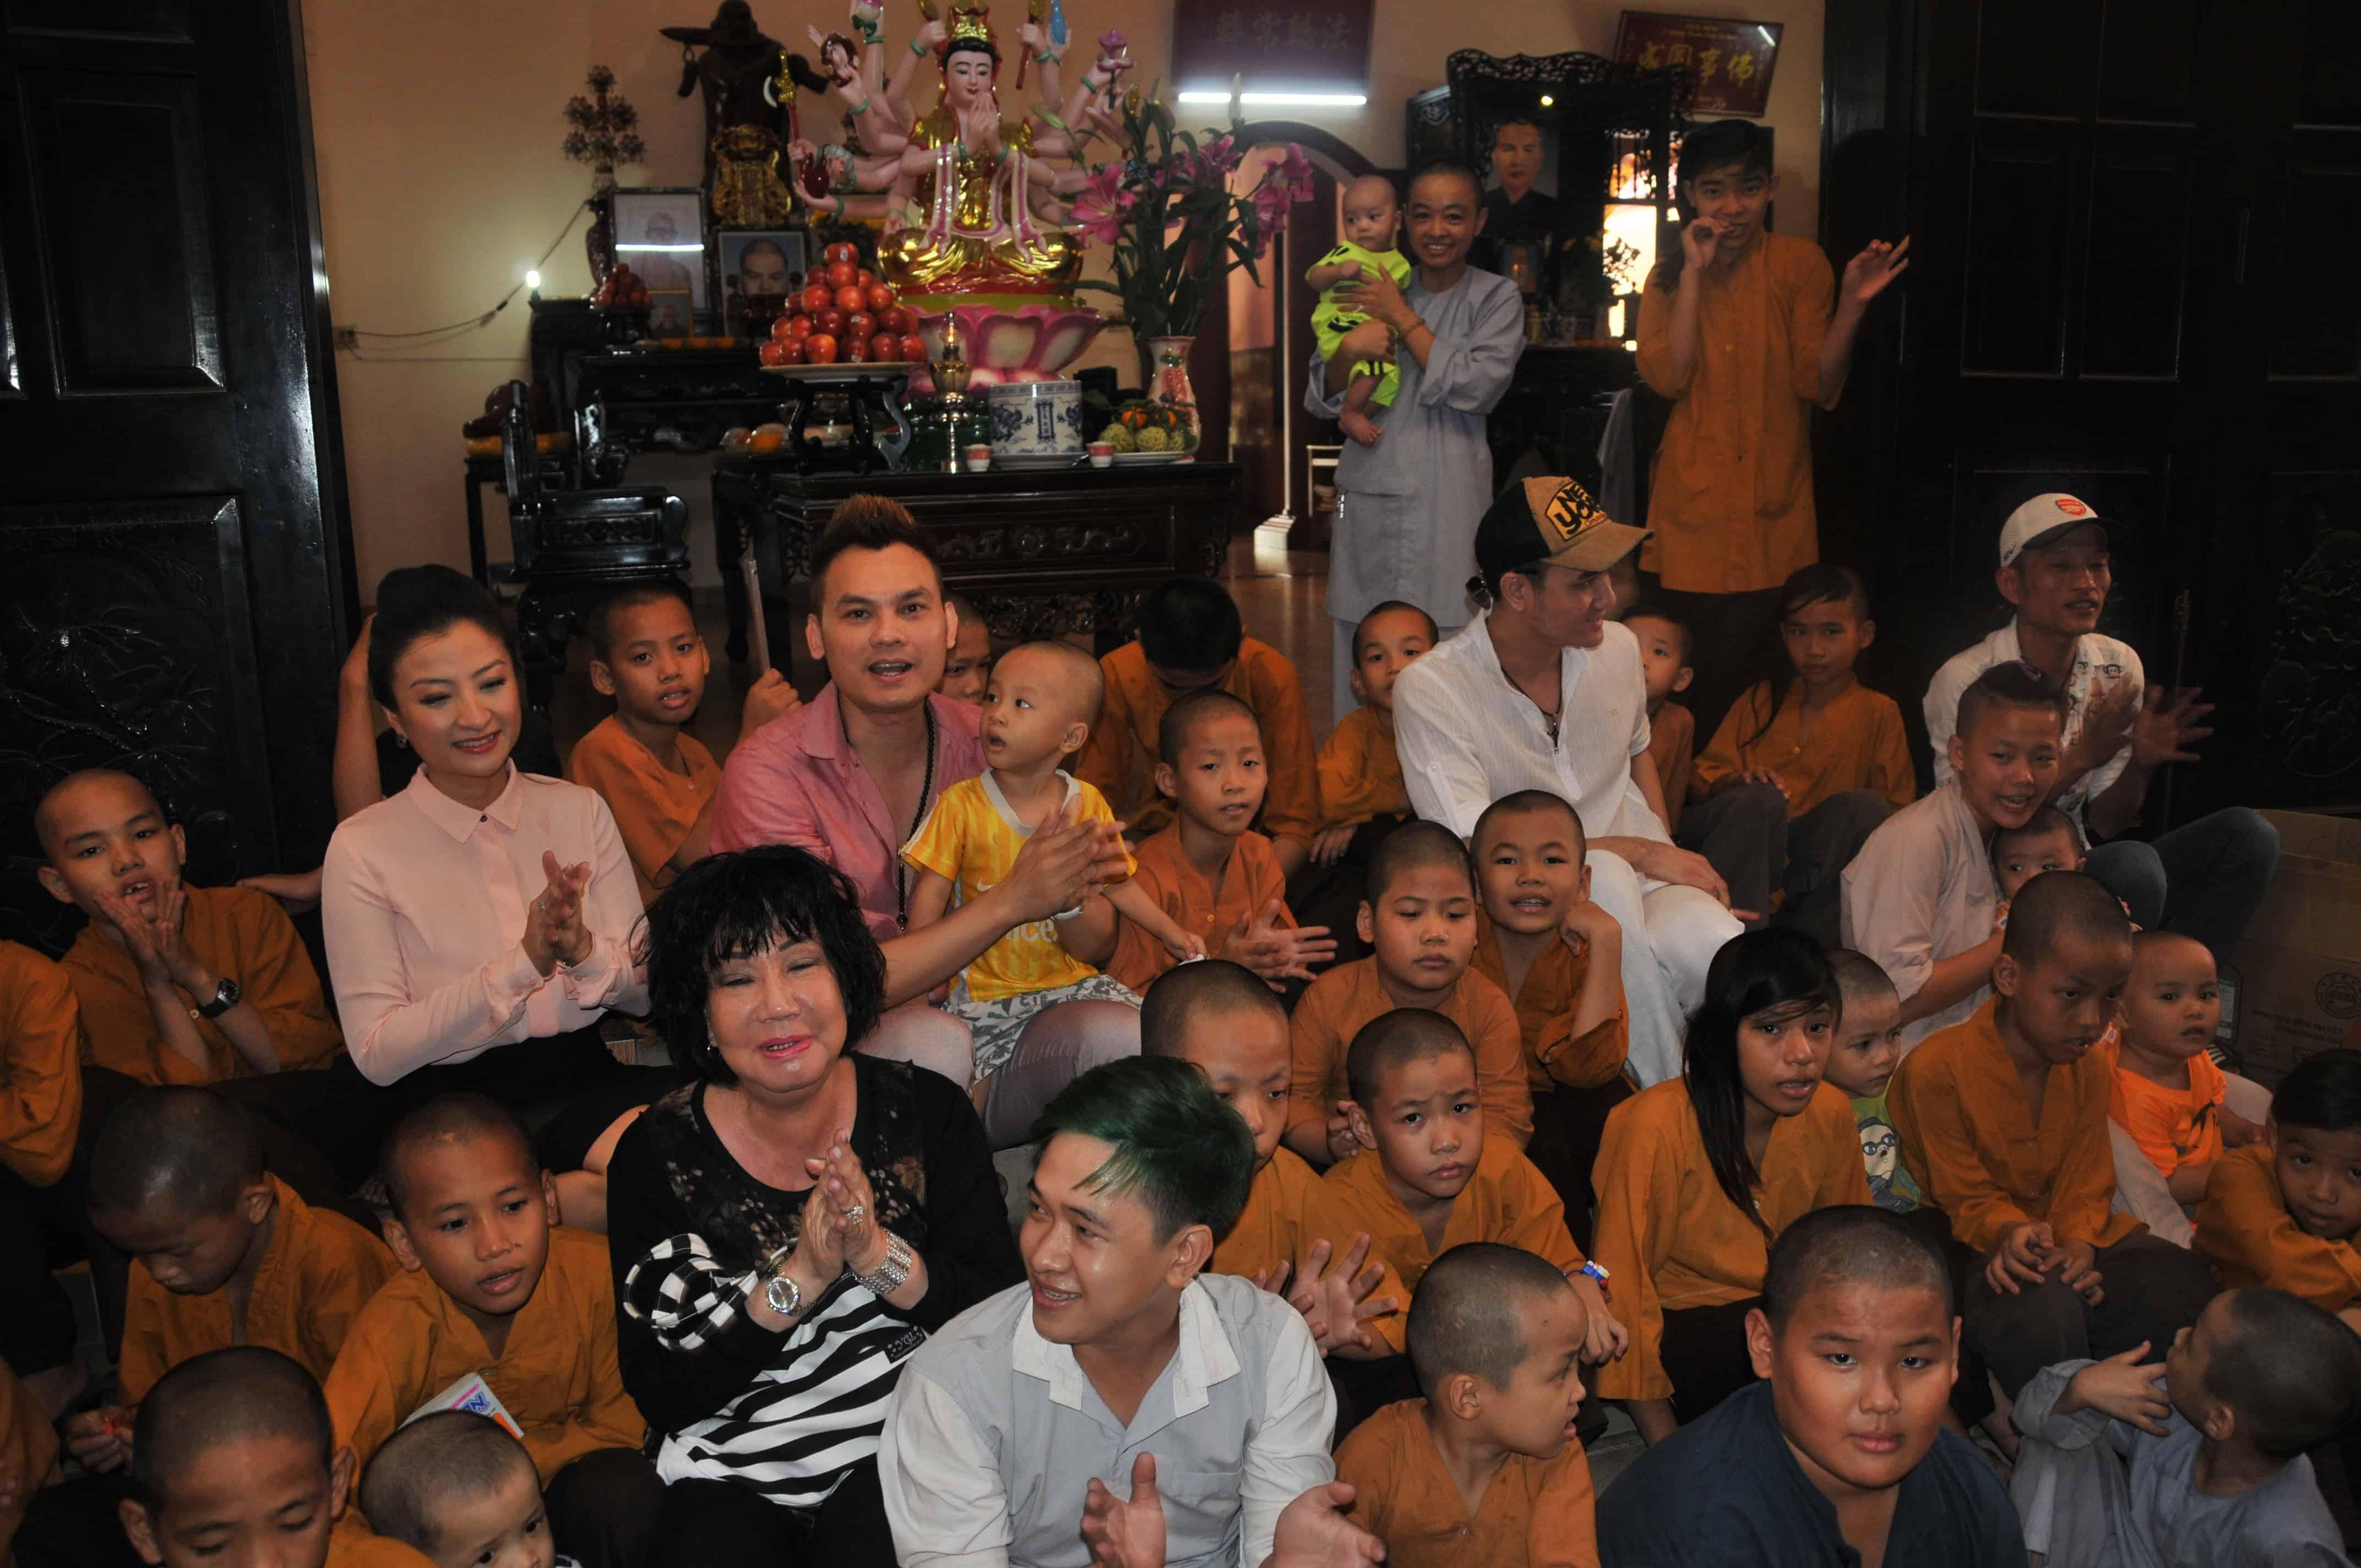 Các nghệ sĩ cùng hát những bài hát thiếu nhi với trẻ em mồ côi ở chùa Từ Hạnh